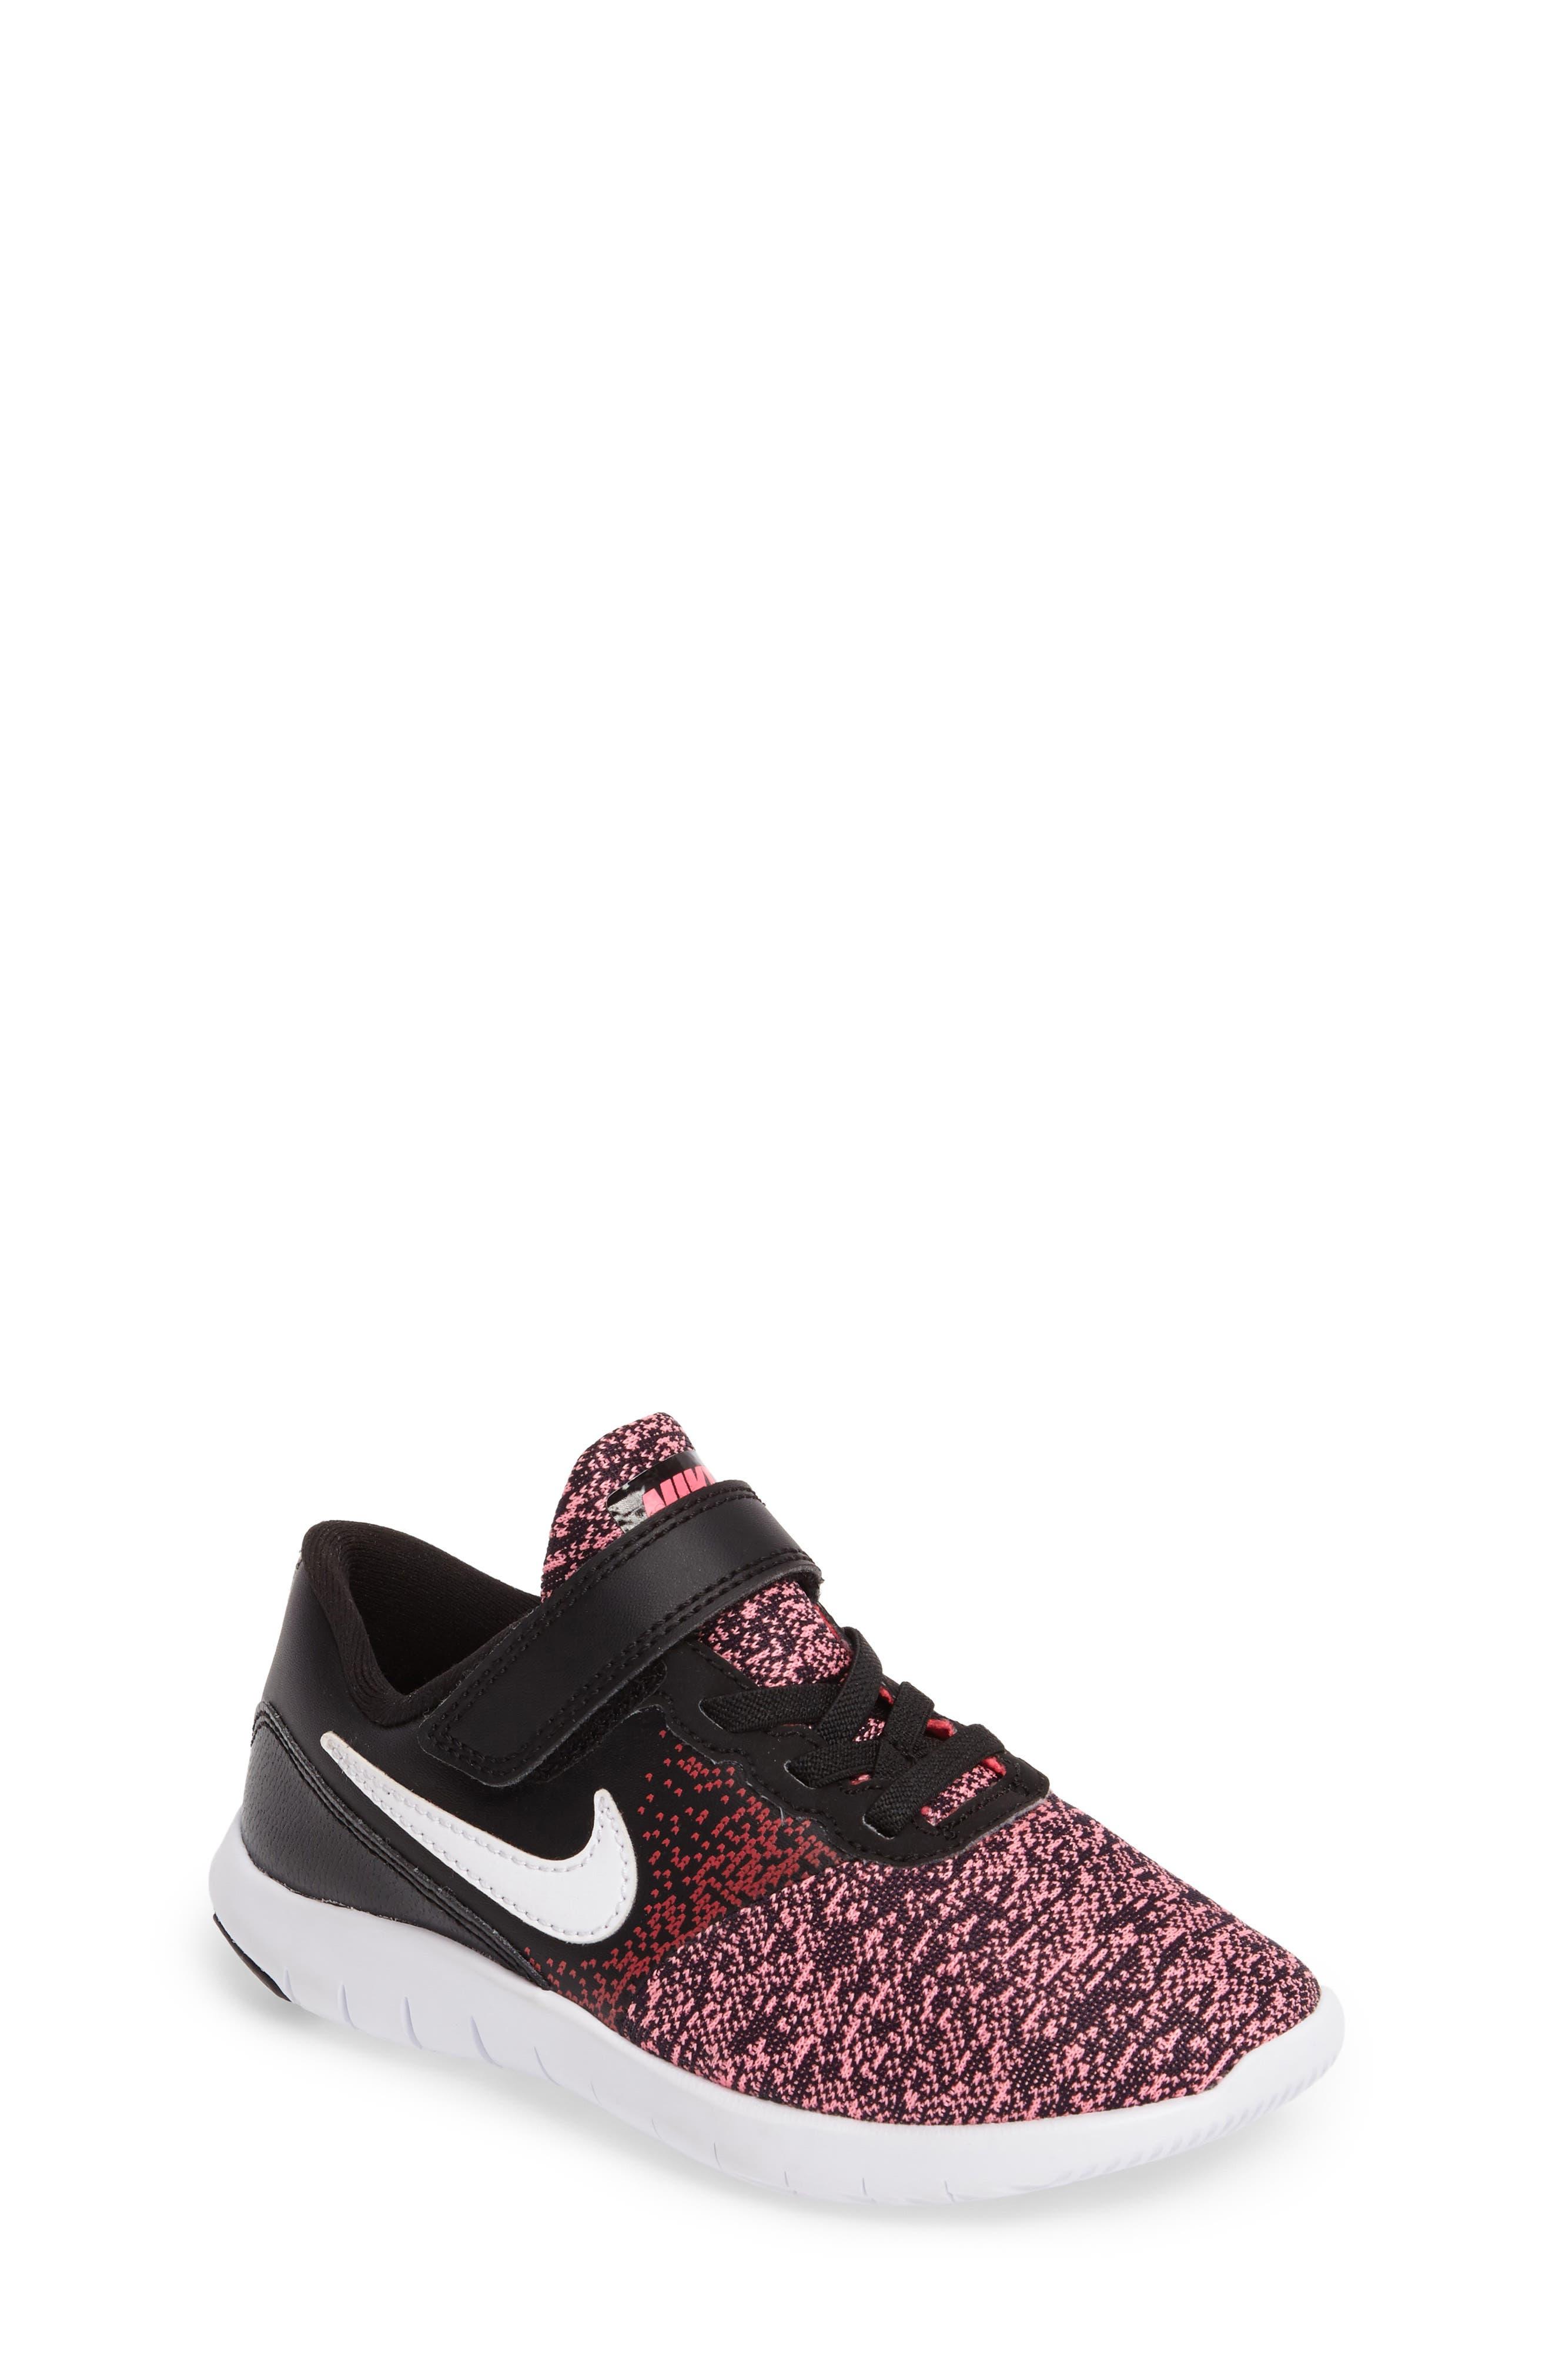 Alternate Image 1 Selected - Nike Flex Contact Running Shoe (Toddler & Little Kid) (Regular Retail Price: $53.00)